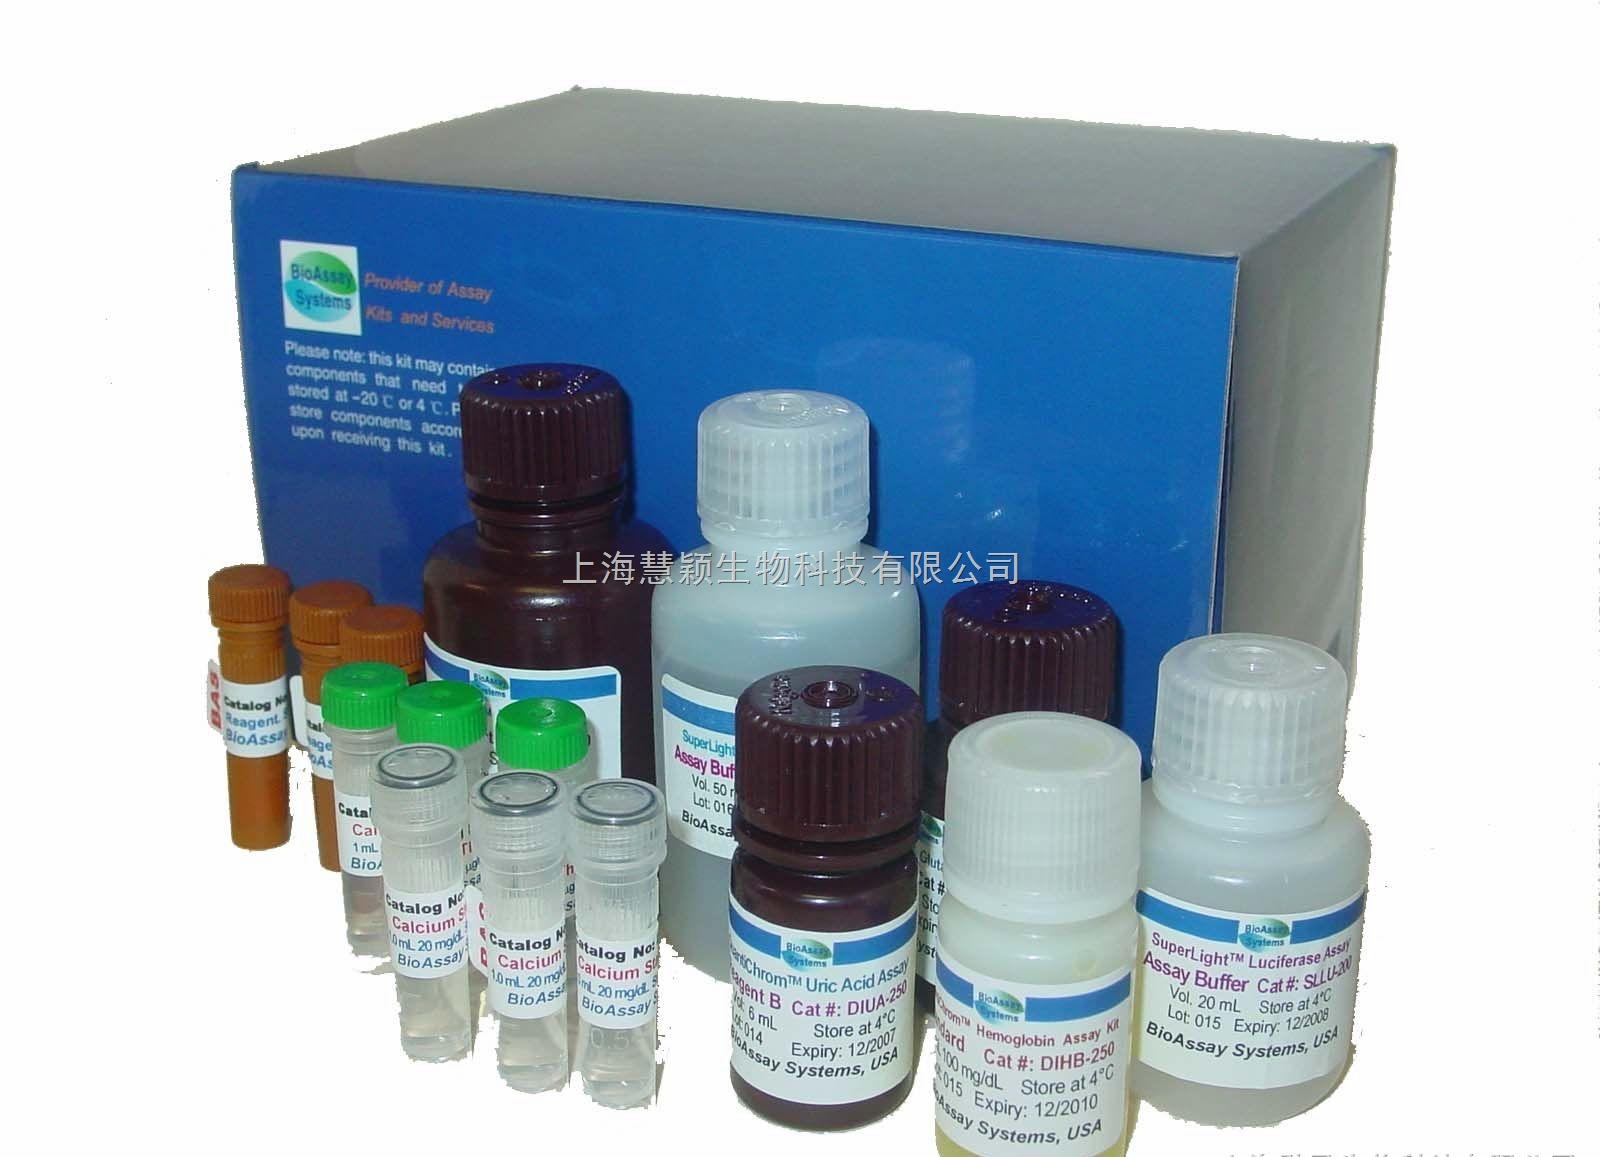 产品名称:大鼠脂多糖(LPS) ELISA 试剂盒 规格:48T/96T 方法:酶免/ELISA 适合样本:大鼠血清、血浆及相关液体 库存状态:现货 保存温度:2°C-8°C 有效期:6个月 运输方式:充足冰袋+诚信快递 大鼠脂多糖(LPS) ELISA 试剂盒?详细说明书,请点击慧颖生物:http://www.